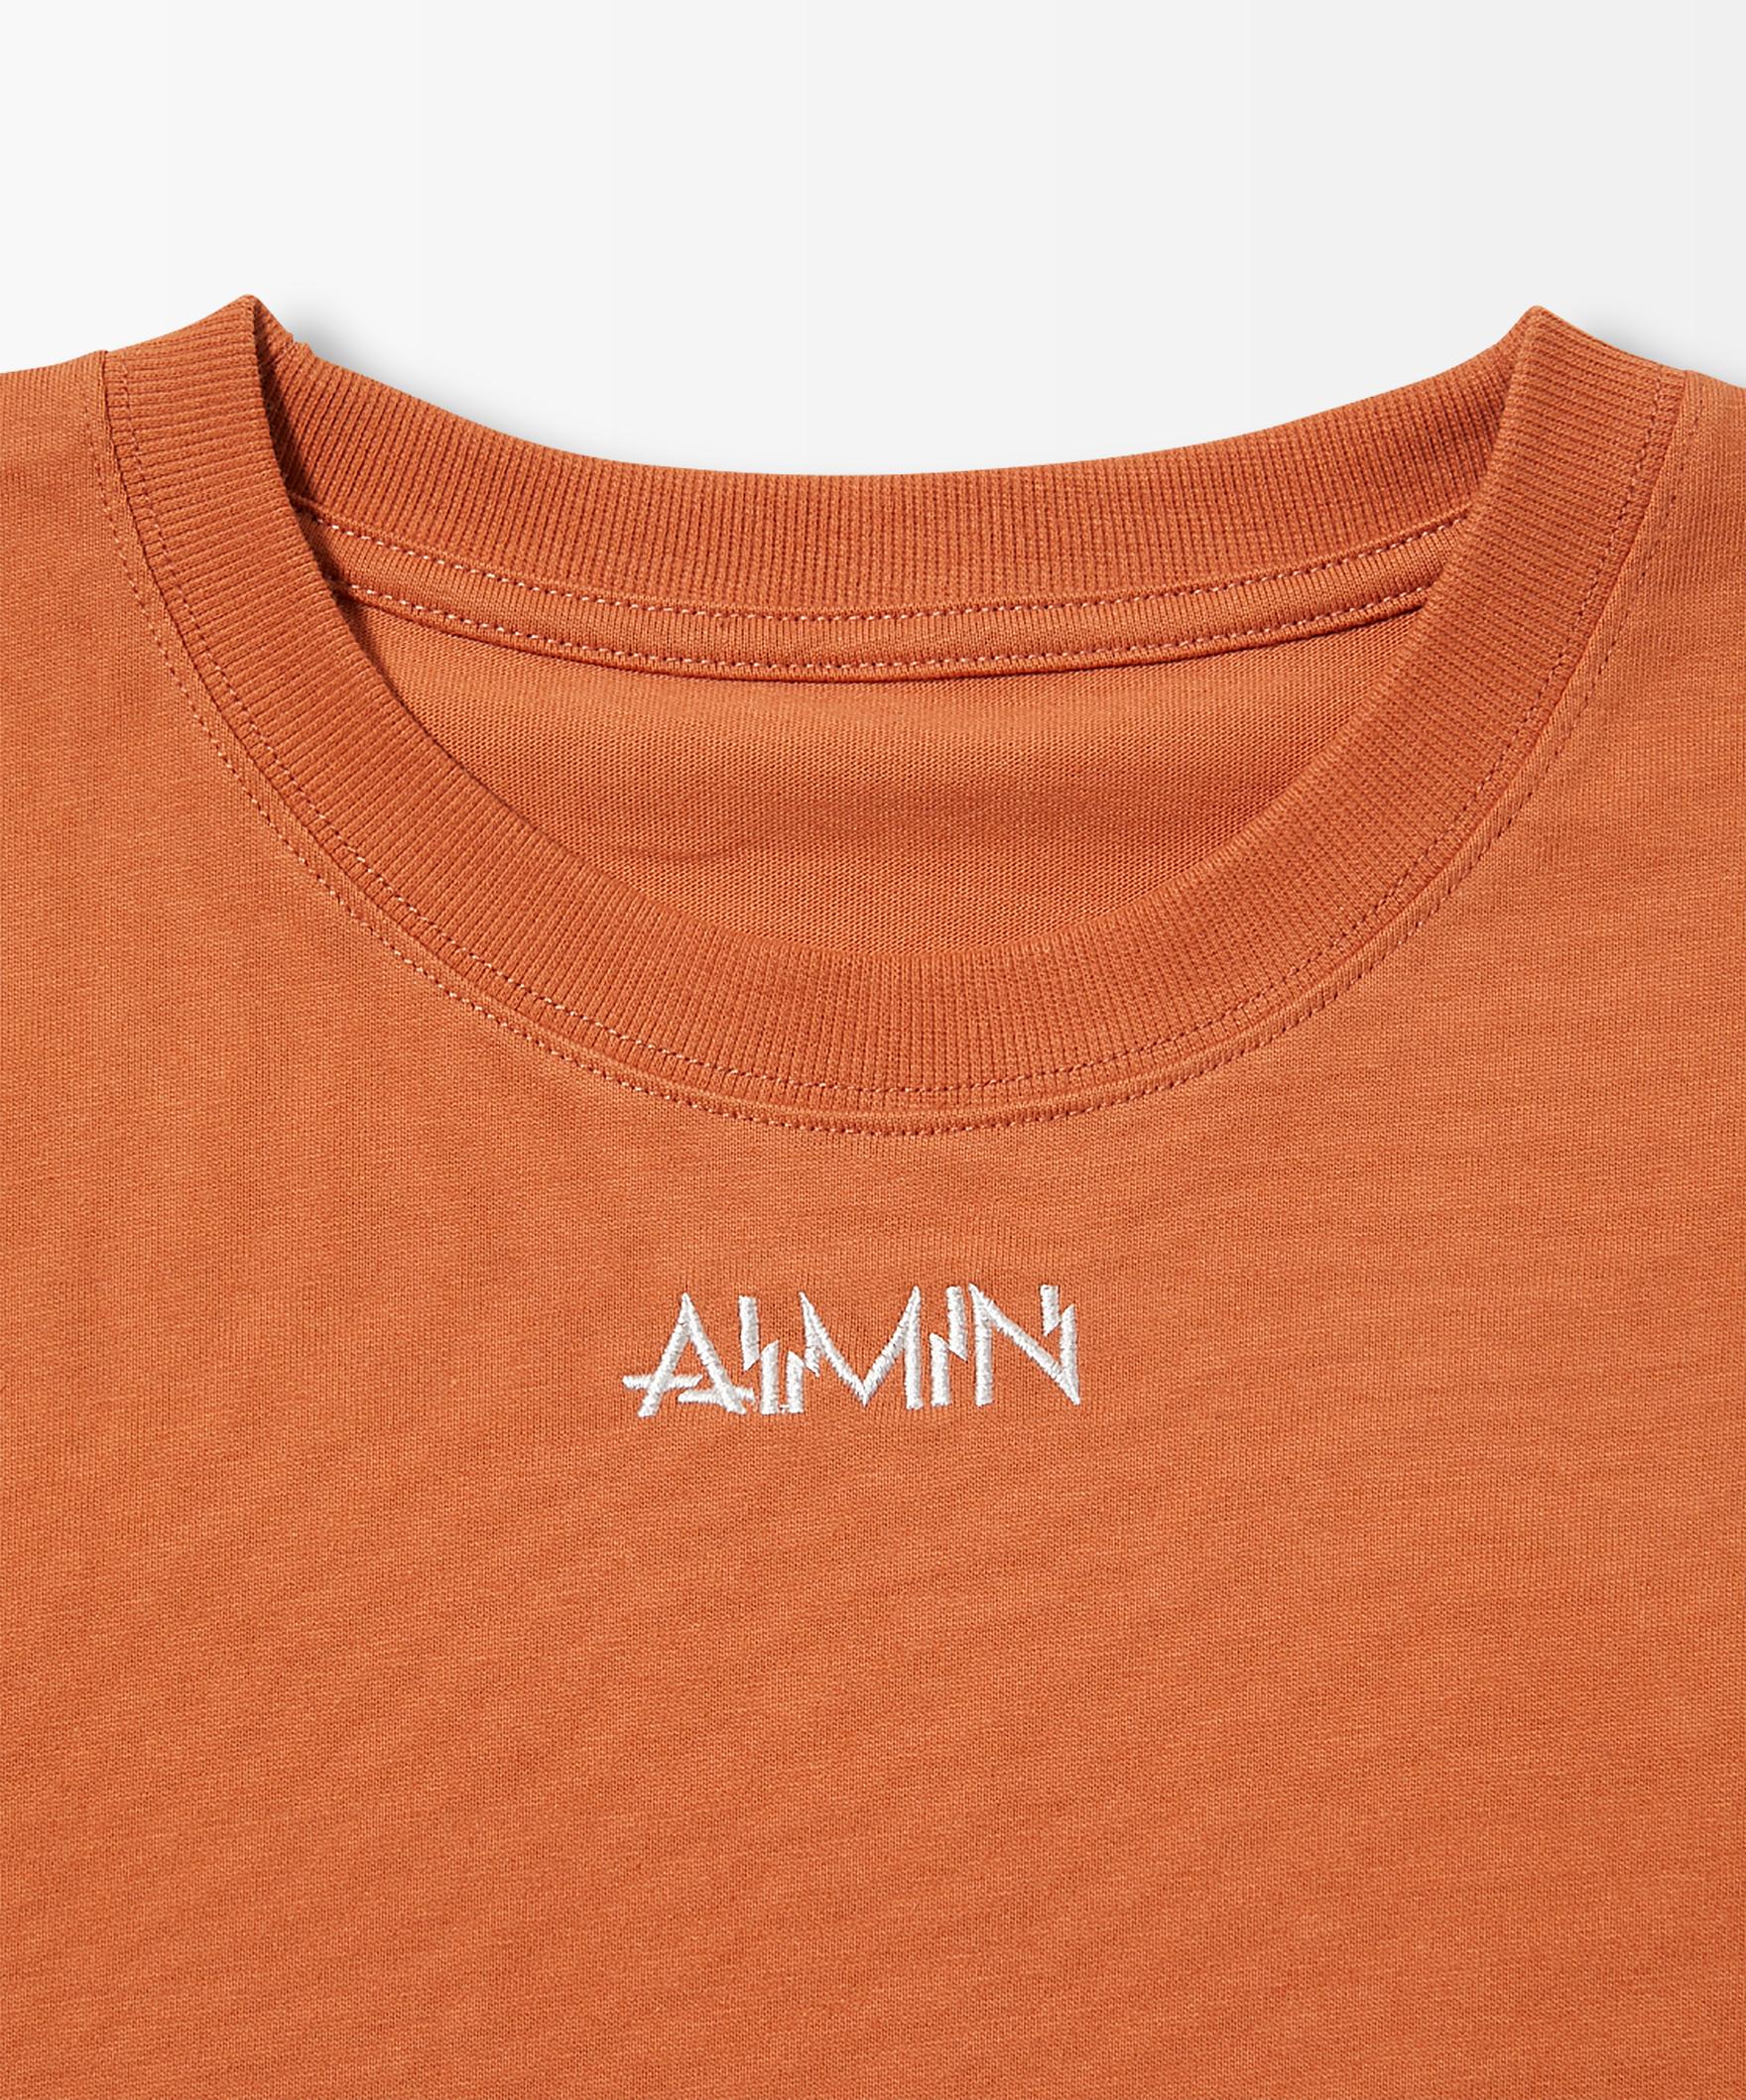 AIMIN LS TEE